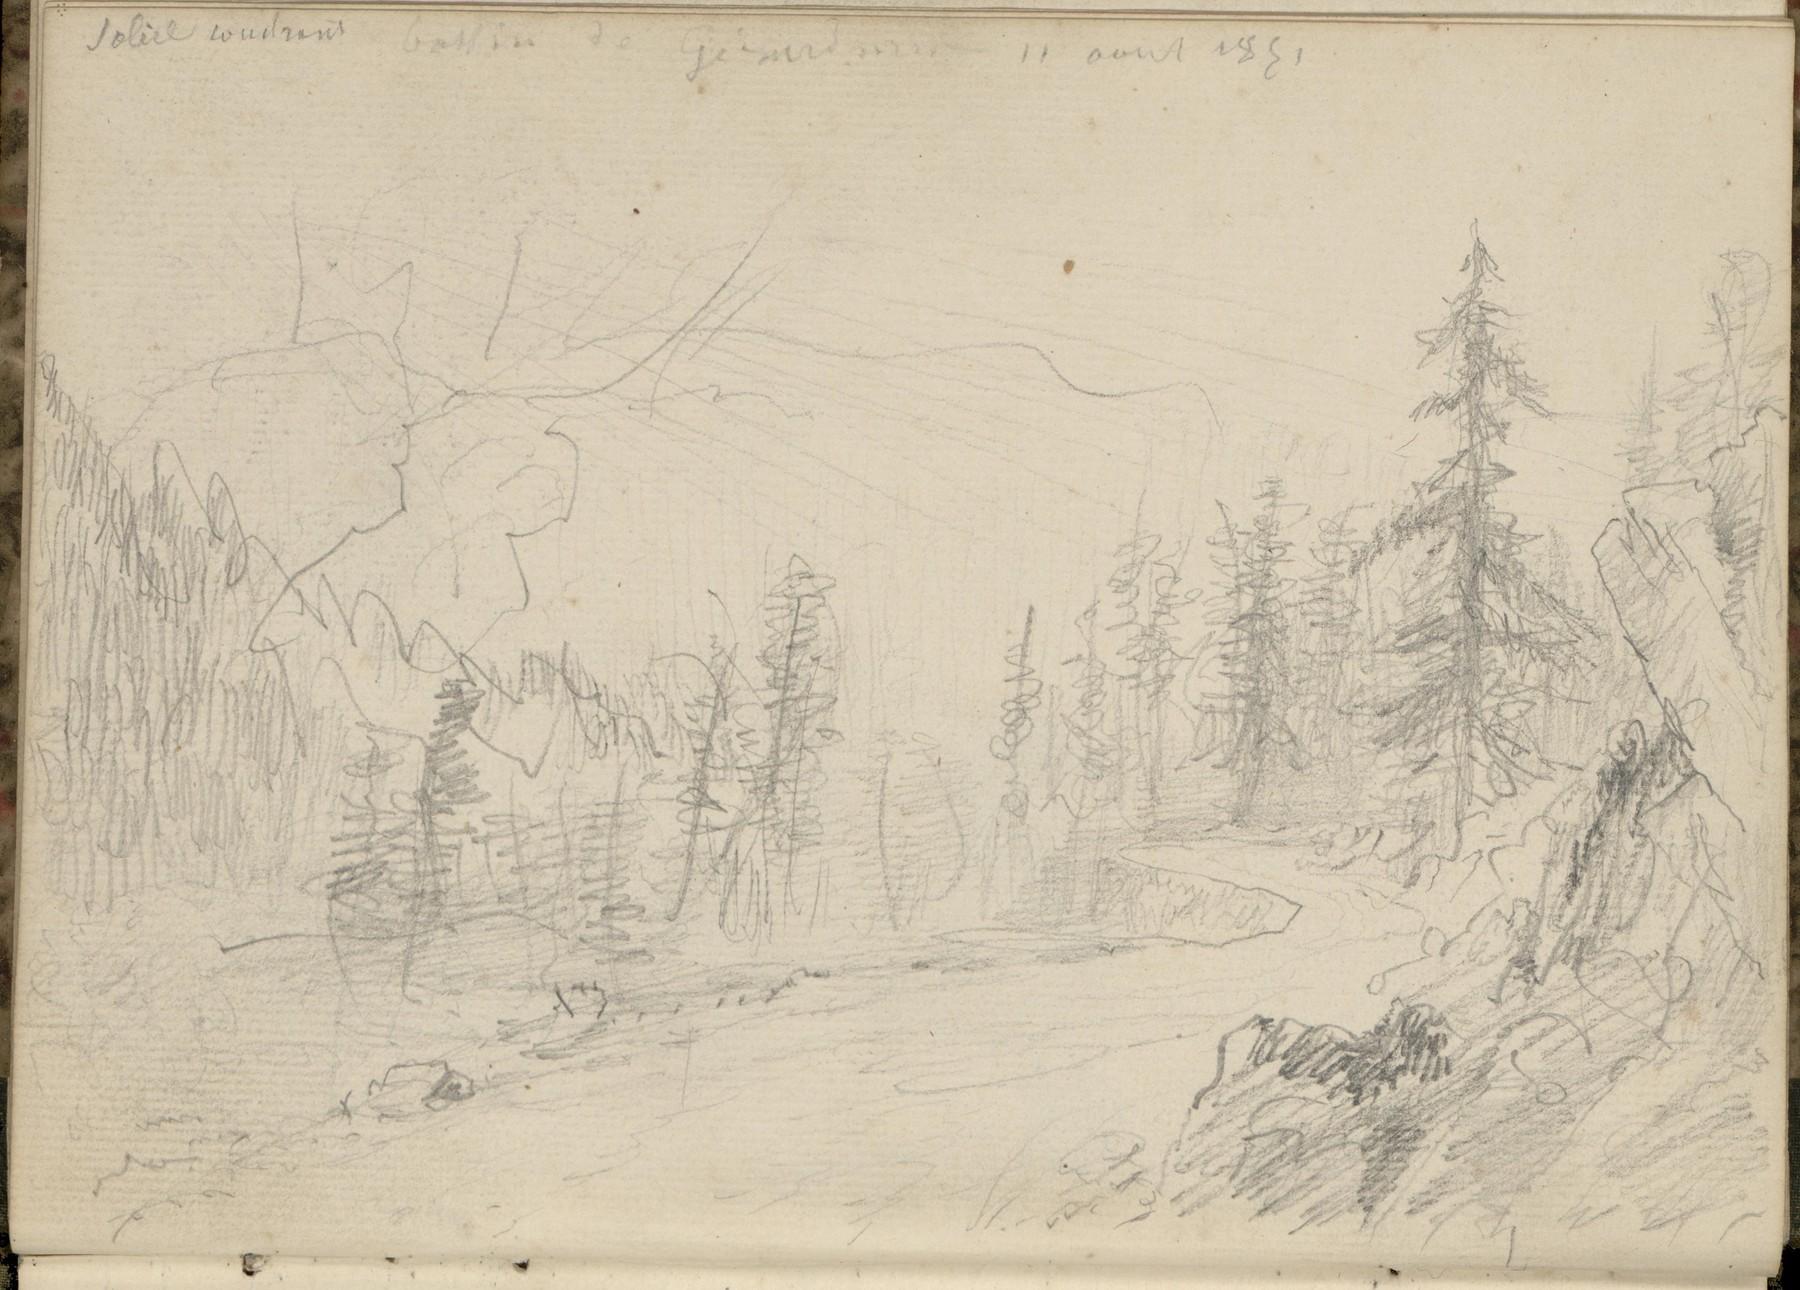 Contenu du Soleil couchant, bassin de Gérardmer, 11 août 1851